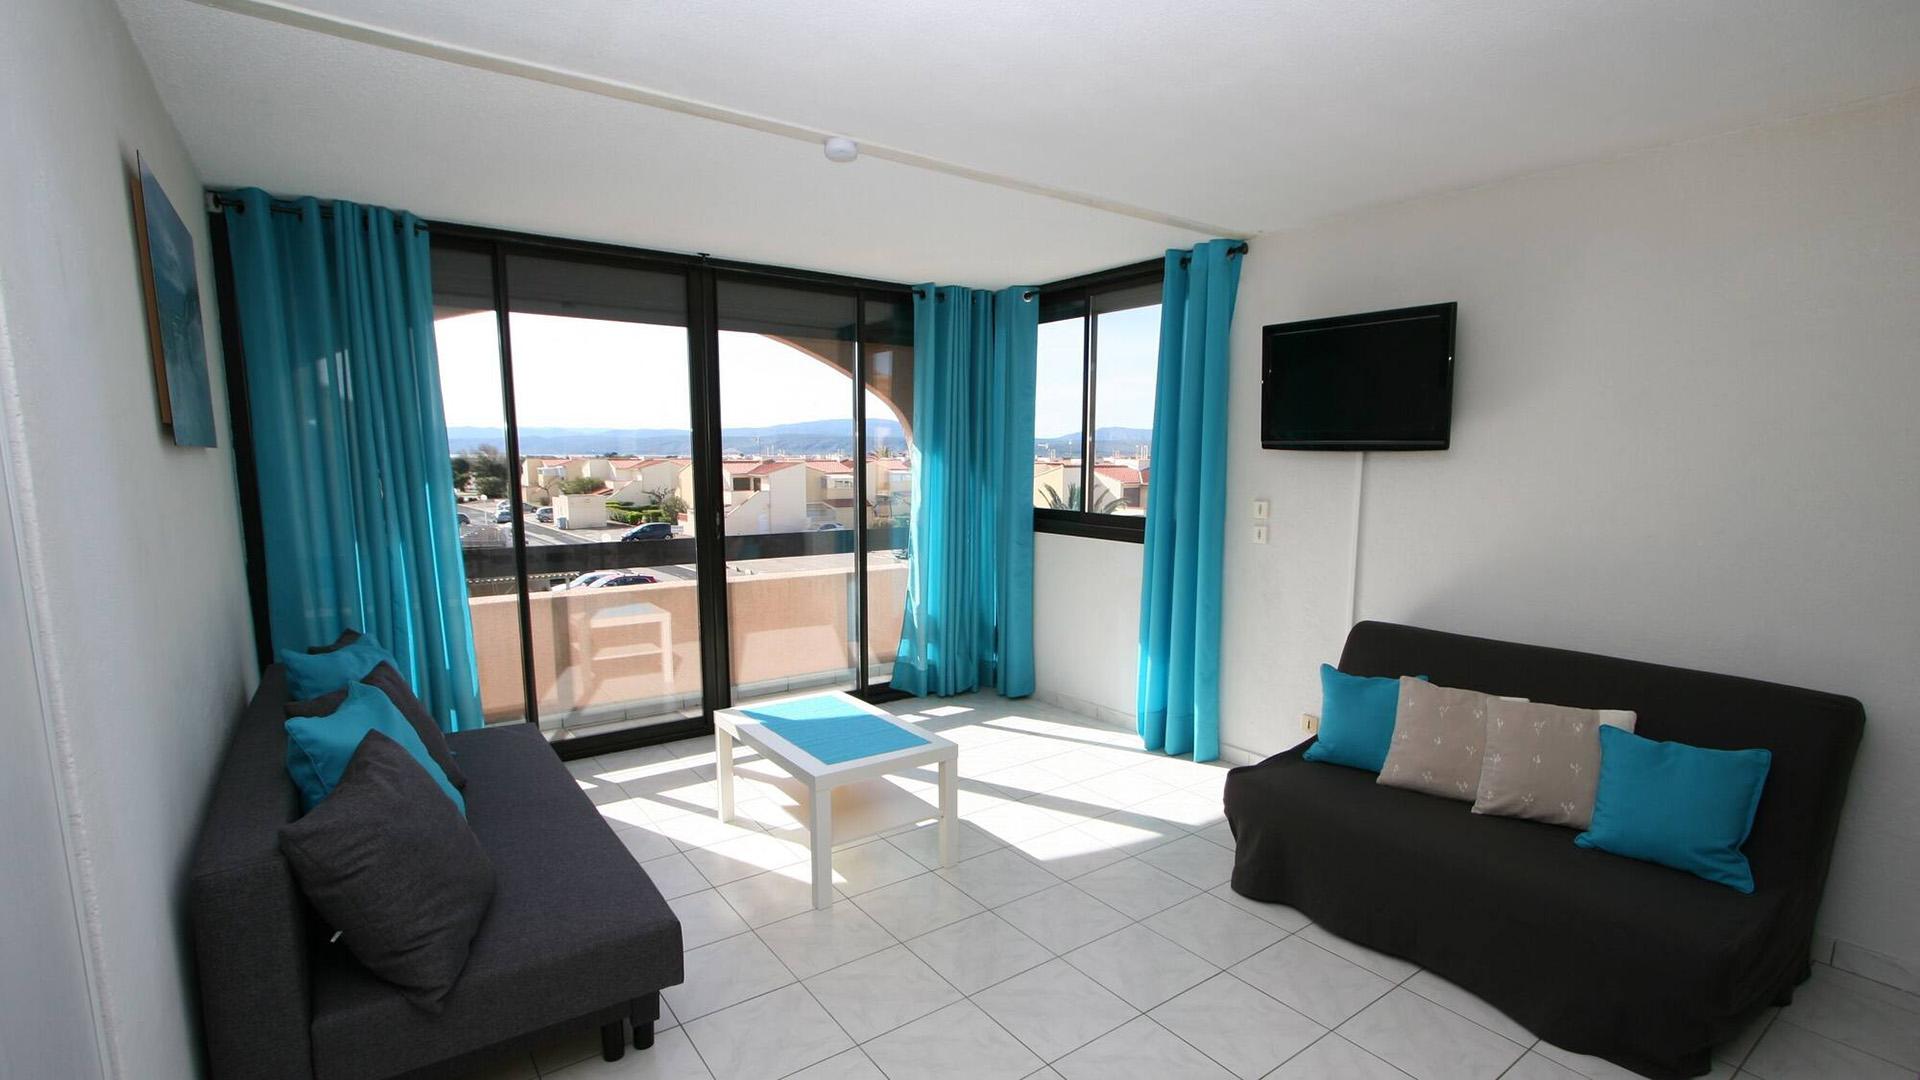 Apartment for sale in Dubai, UAE, 3 bedrooms, 186 m2, No. 23875 – photo 4